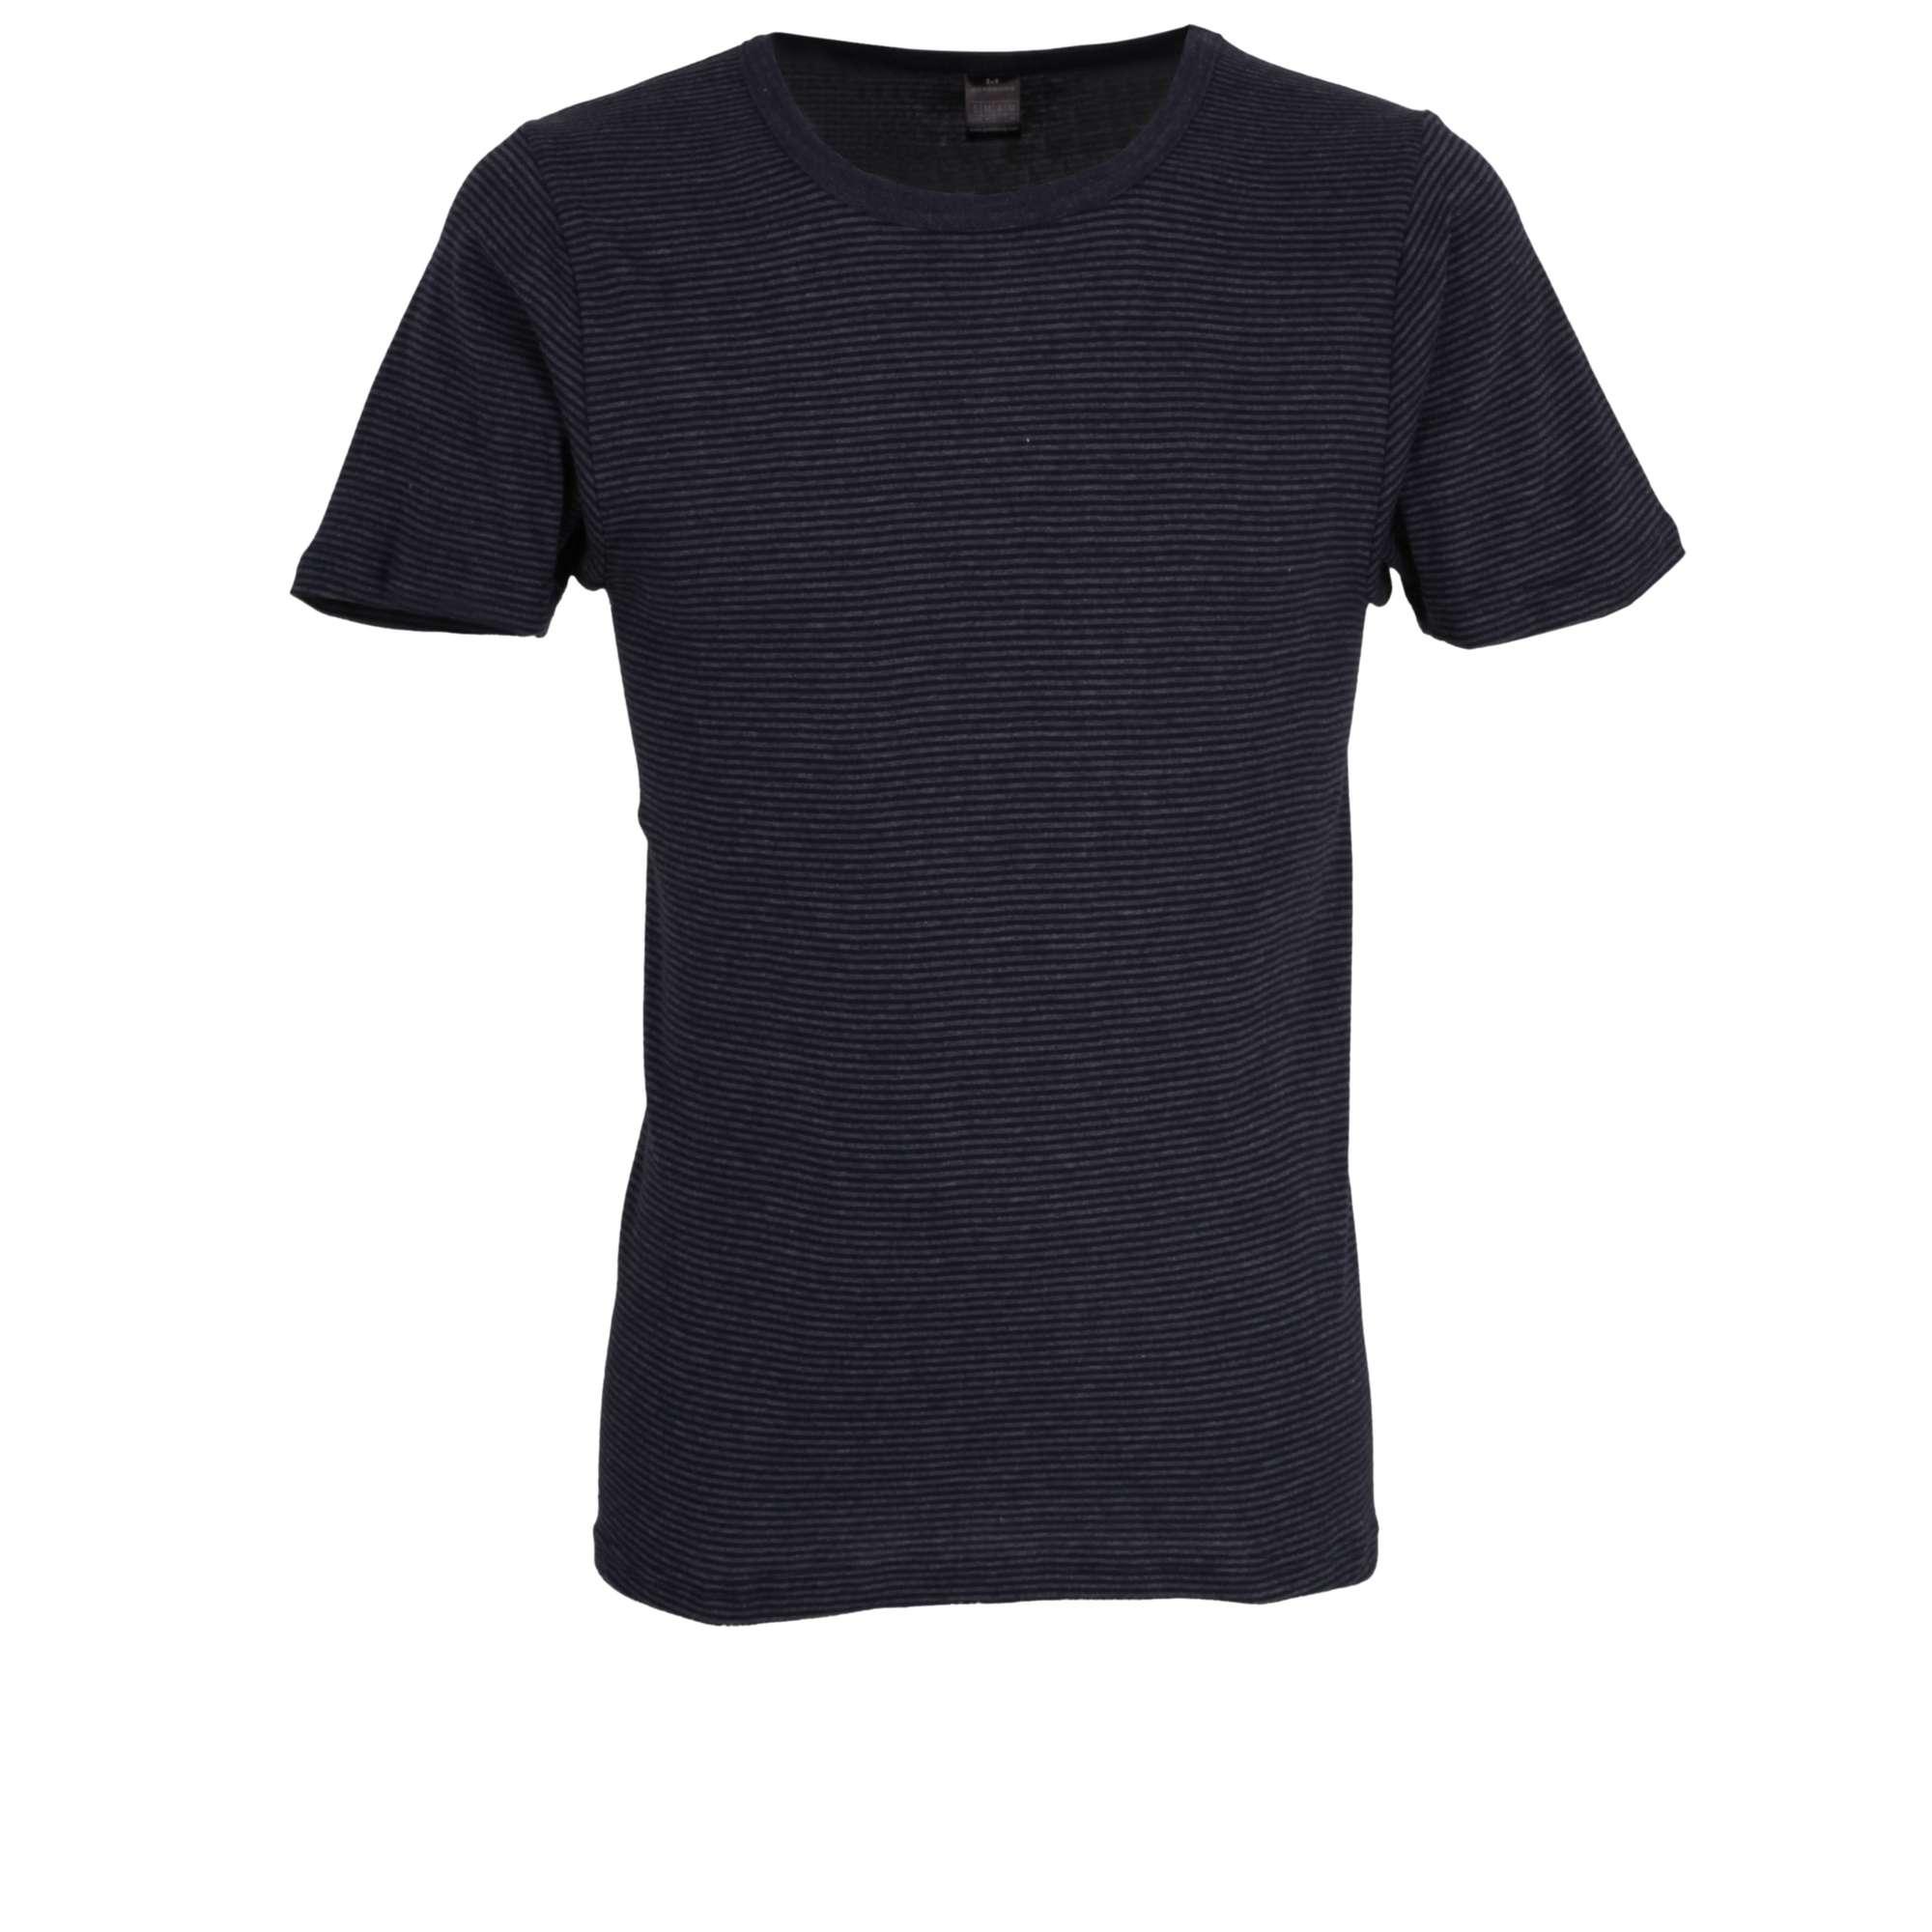 meet b6fcb 30f4a GÖTZBURG Herren T-Shirt blau quergestreift 1er Pack jetzt kaufen